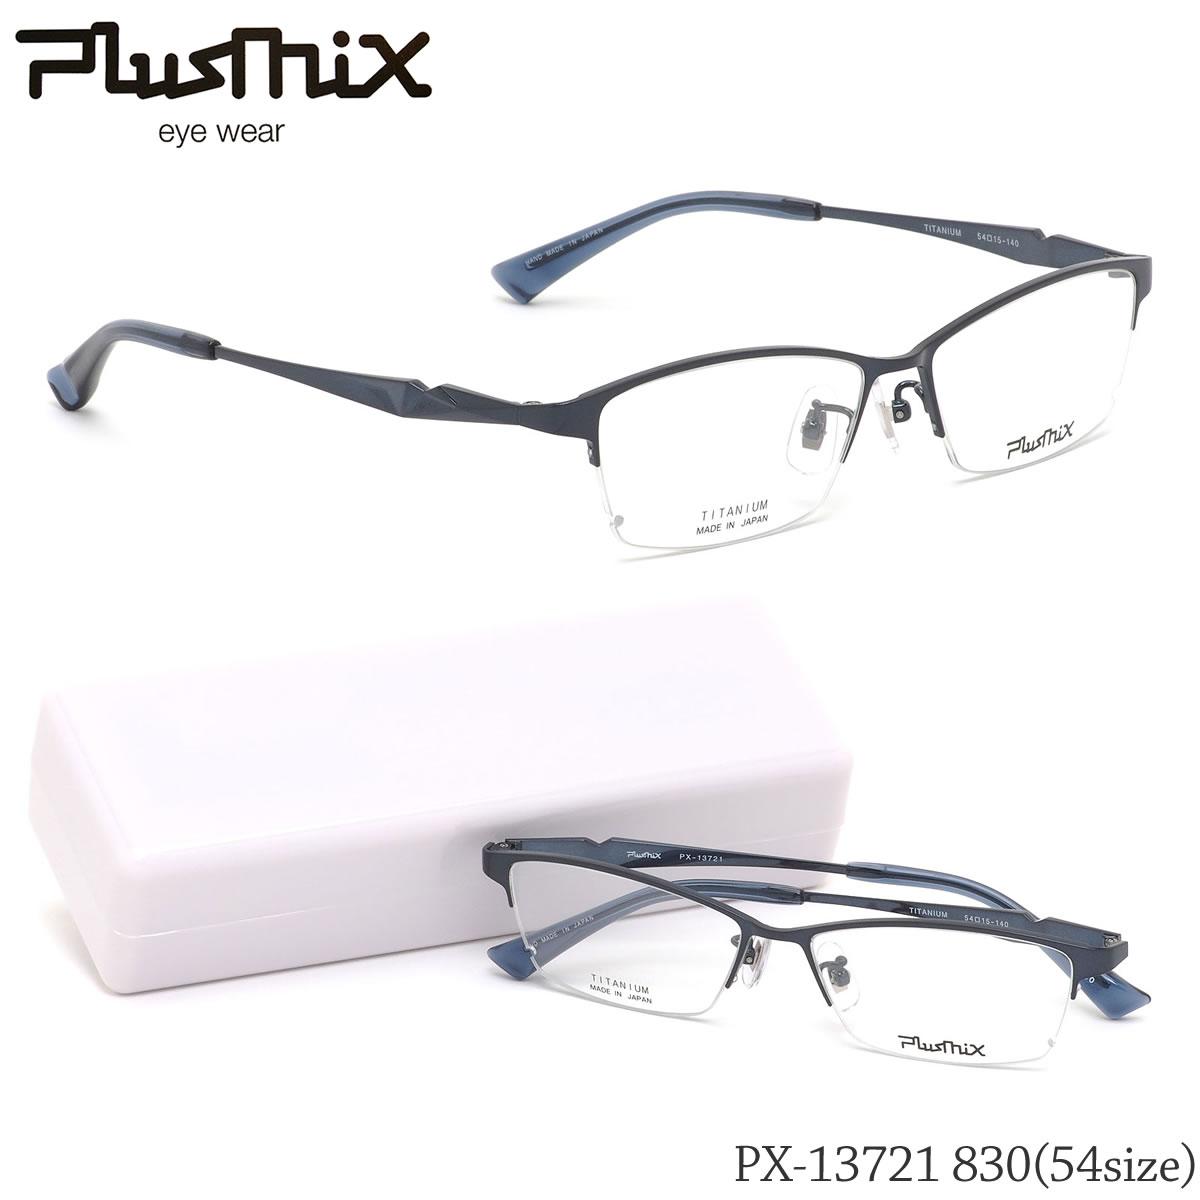 【10月30日からエントリーで全品ポイント20倍】プラスミックス PlusMix メガネPX-13721 830 54サイズ日本製 MADE IN JAPAN スクエア ハーフリム ブロー ビジネス伊達メガネレンズ無料 メンズ レディース